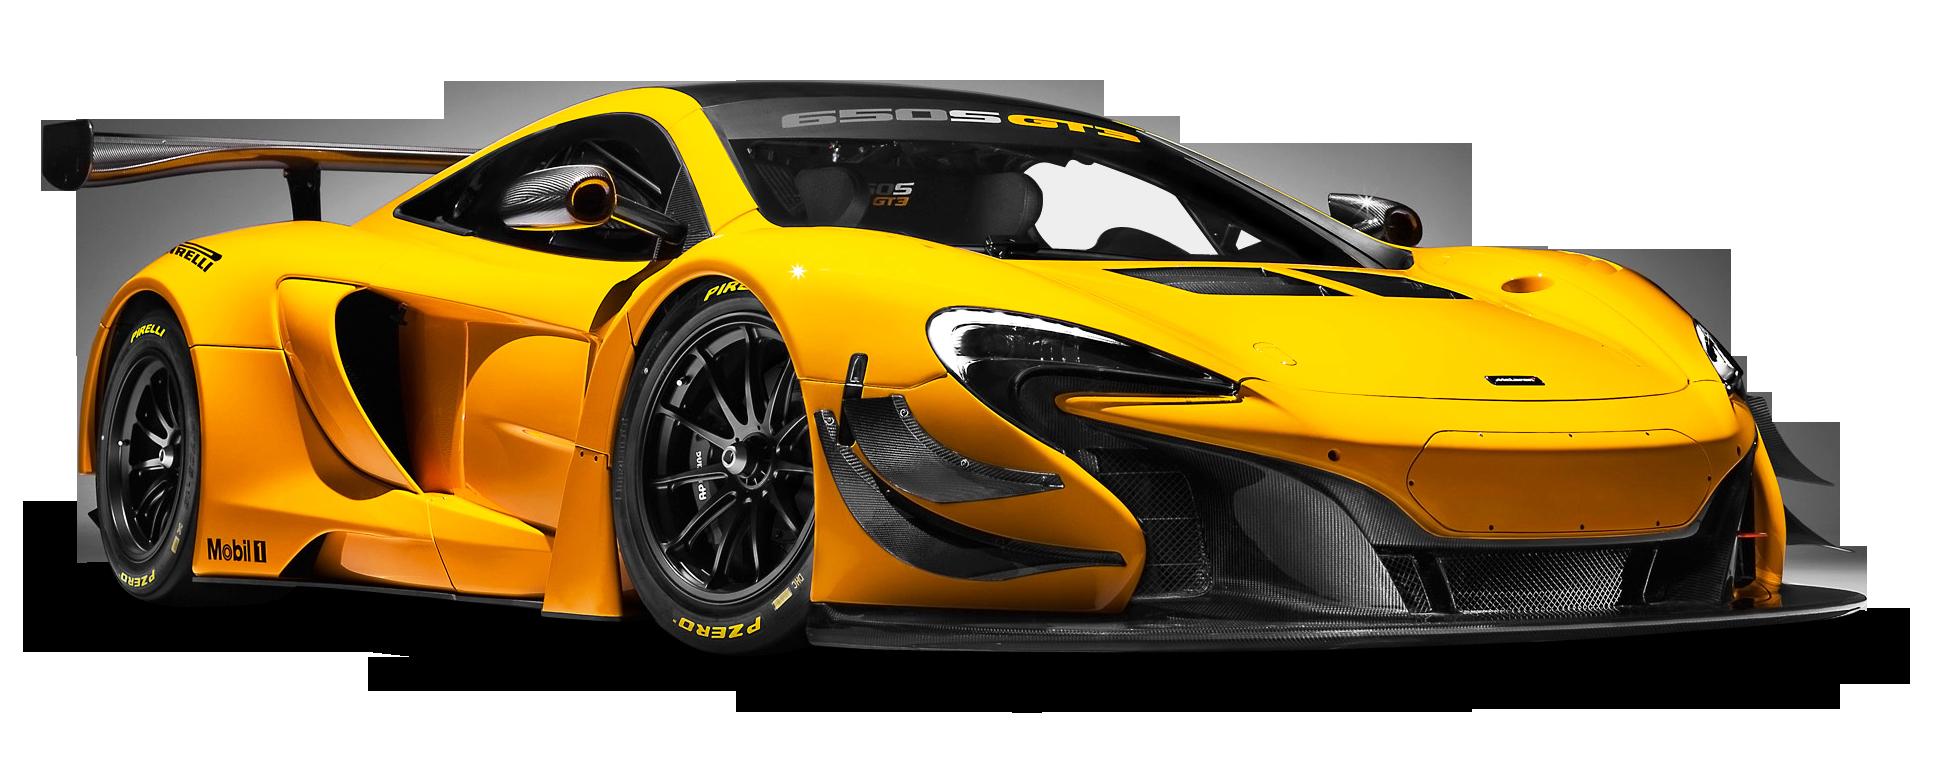 McLaren 650S GT3 Yellow Race Car PNG Image